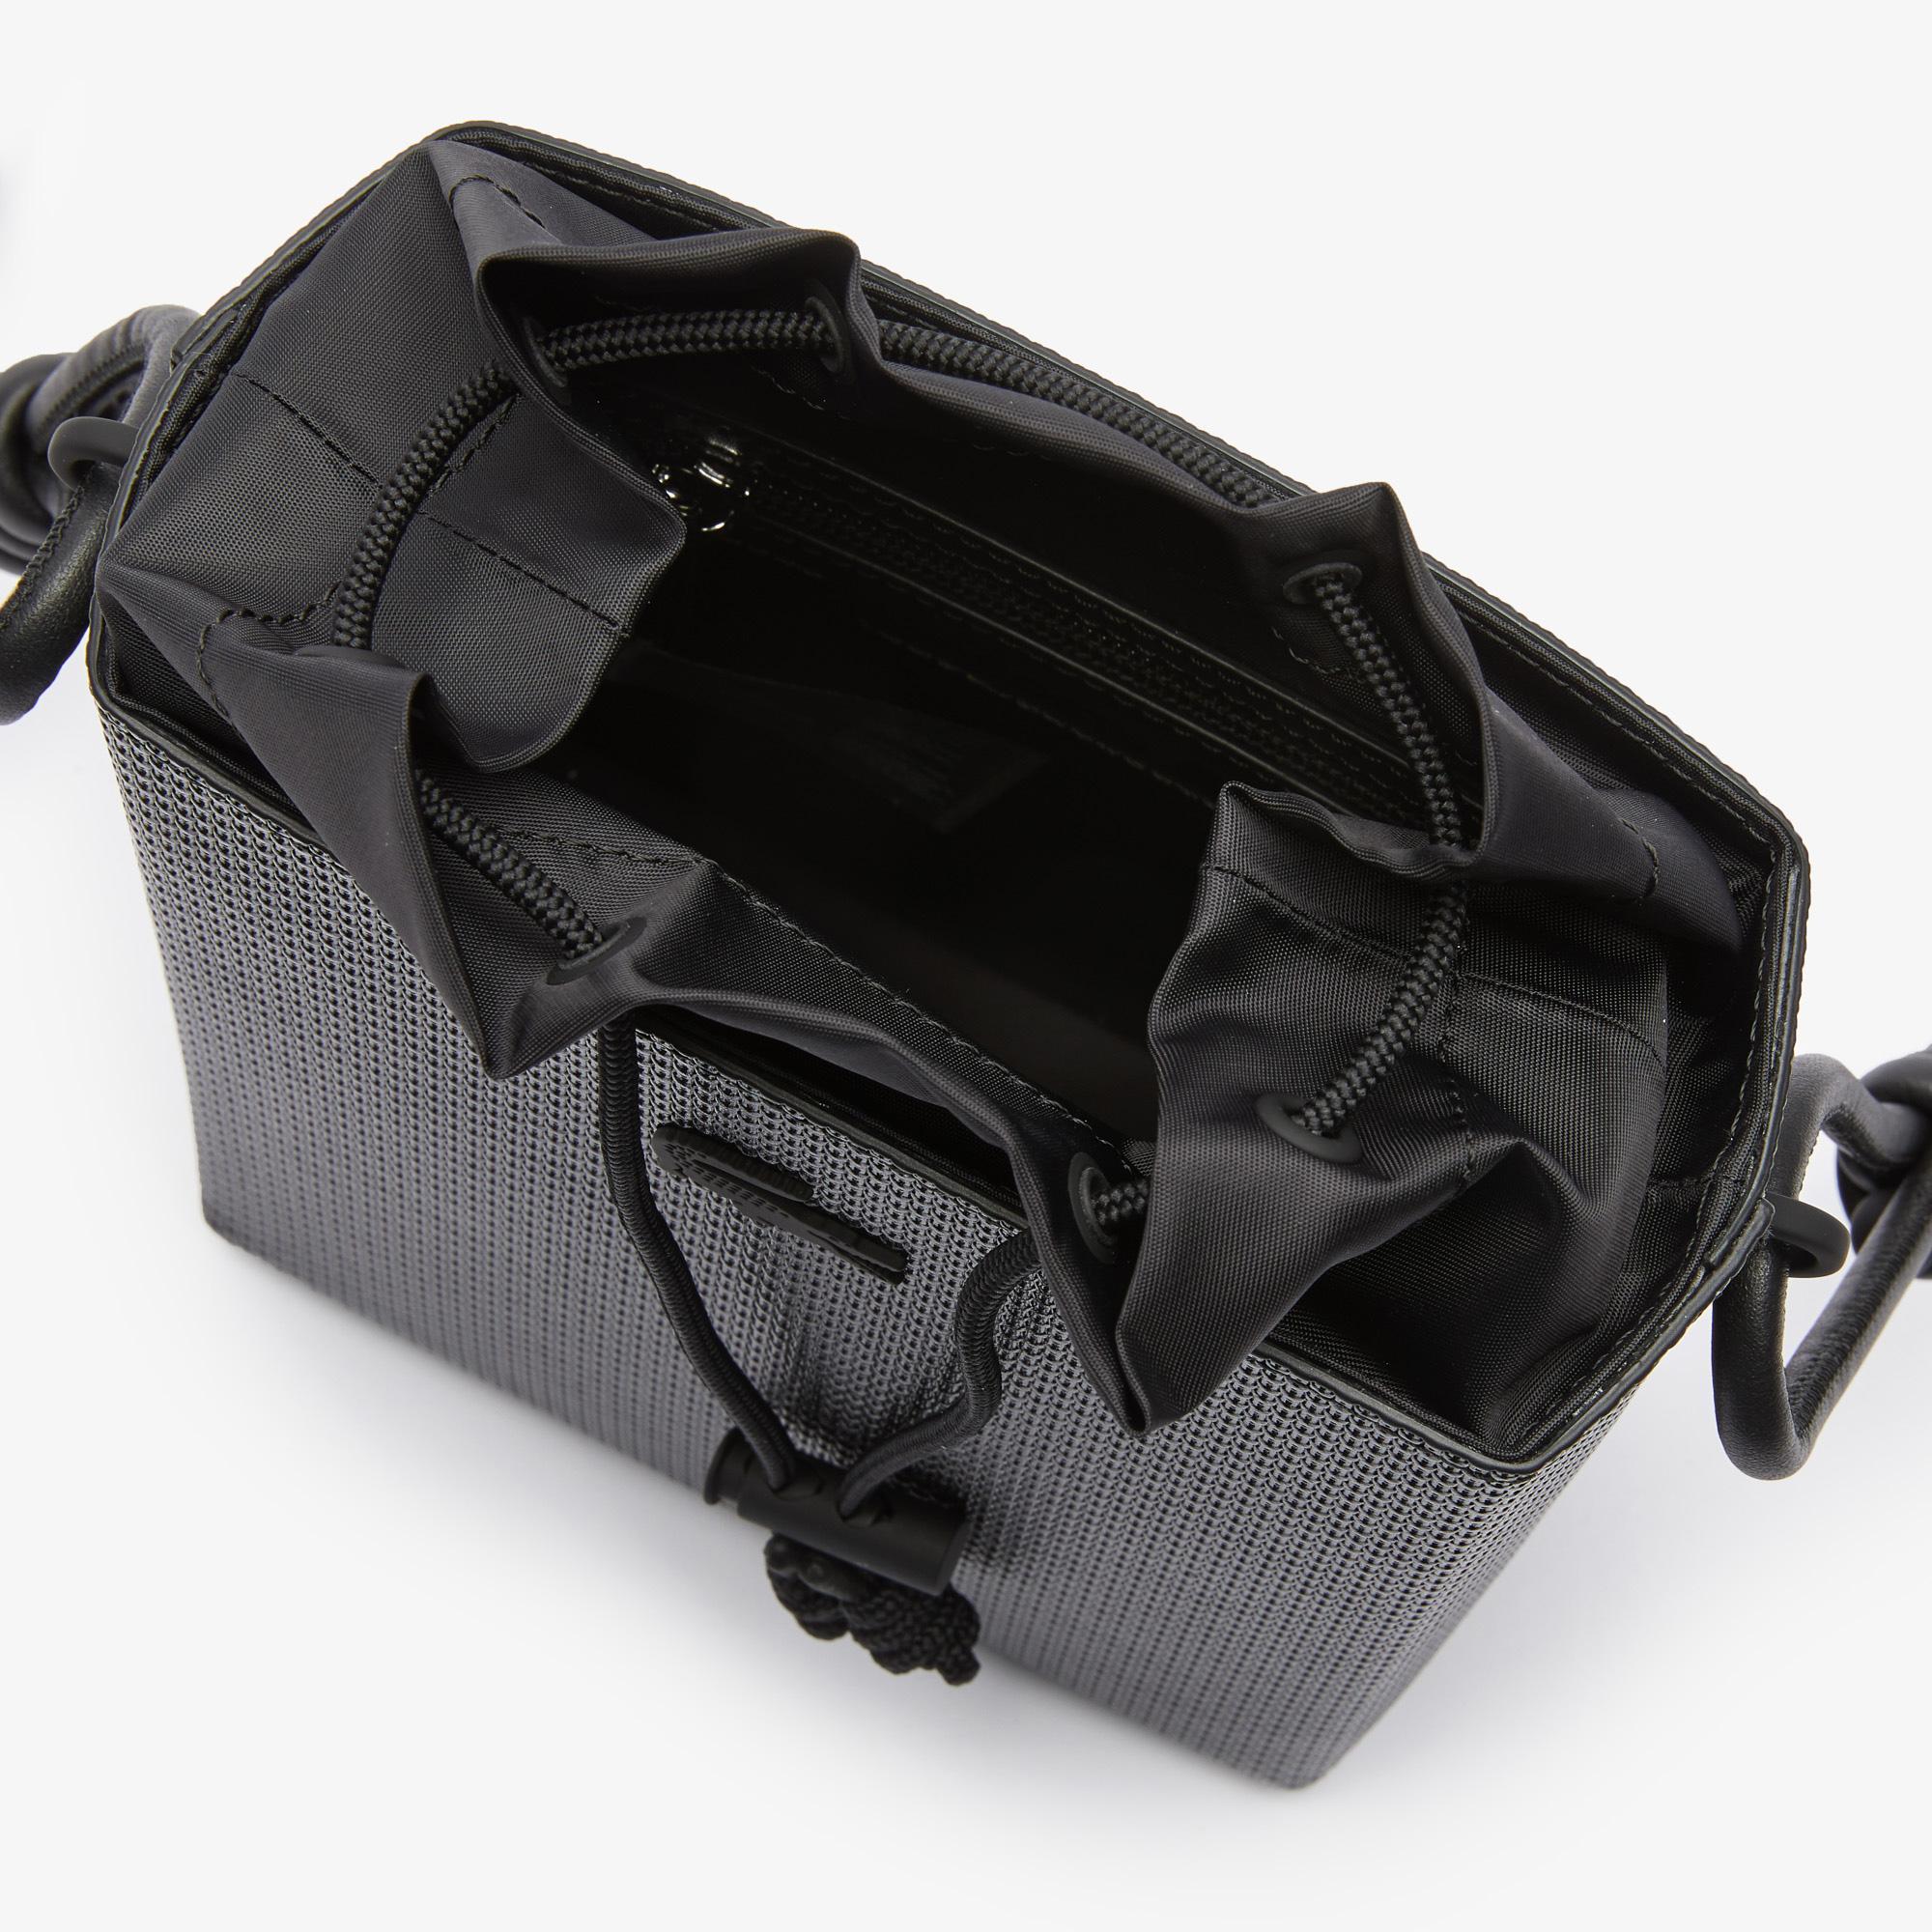 Lacoste Chantaco Kadın Deri Siyah Çanta